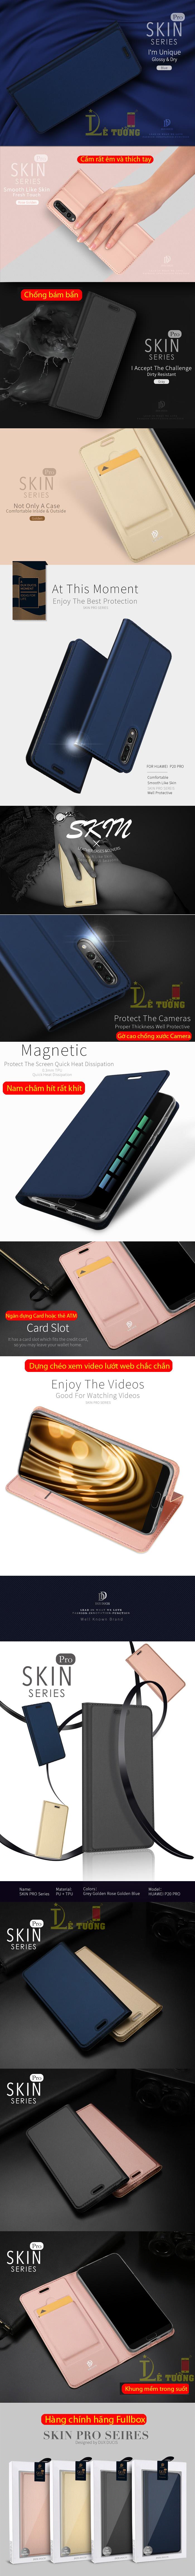 Bao da Huawei P20 Pro Dux Ducis Skin siêu mỏng - khung mềm 4